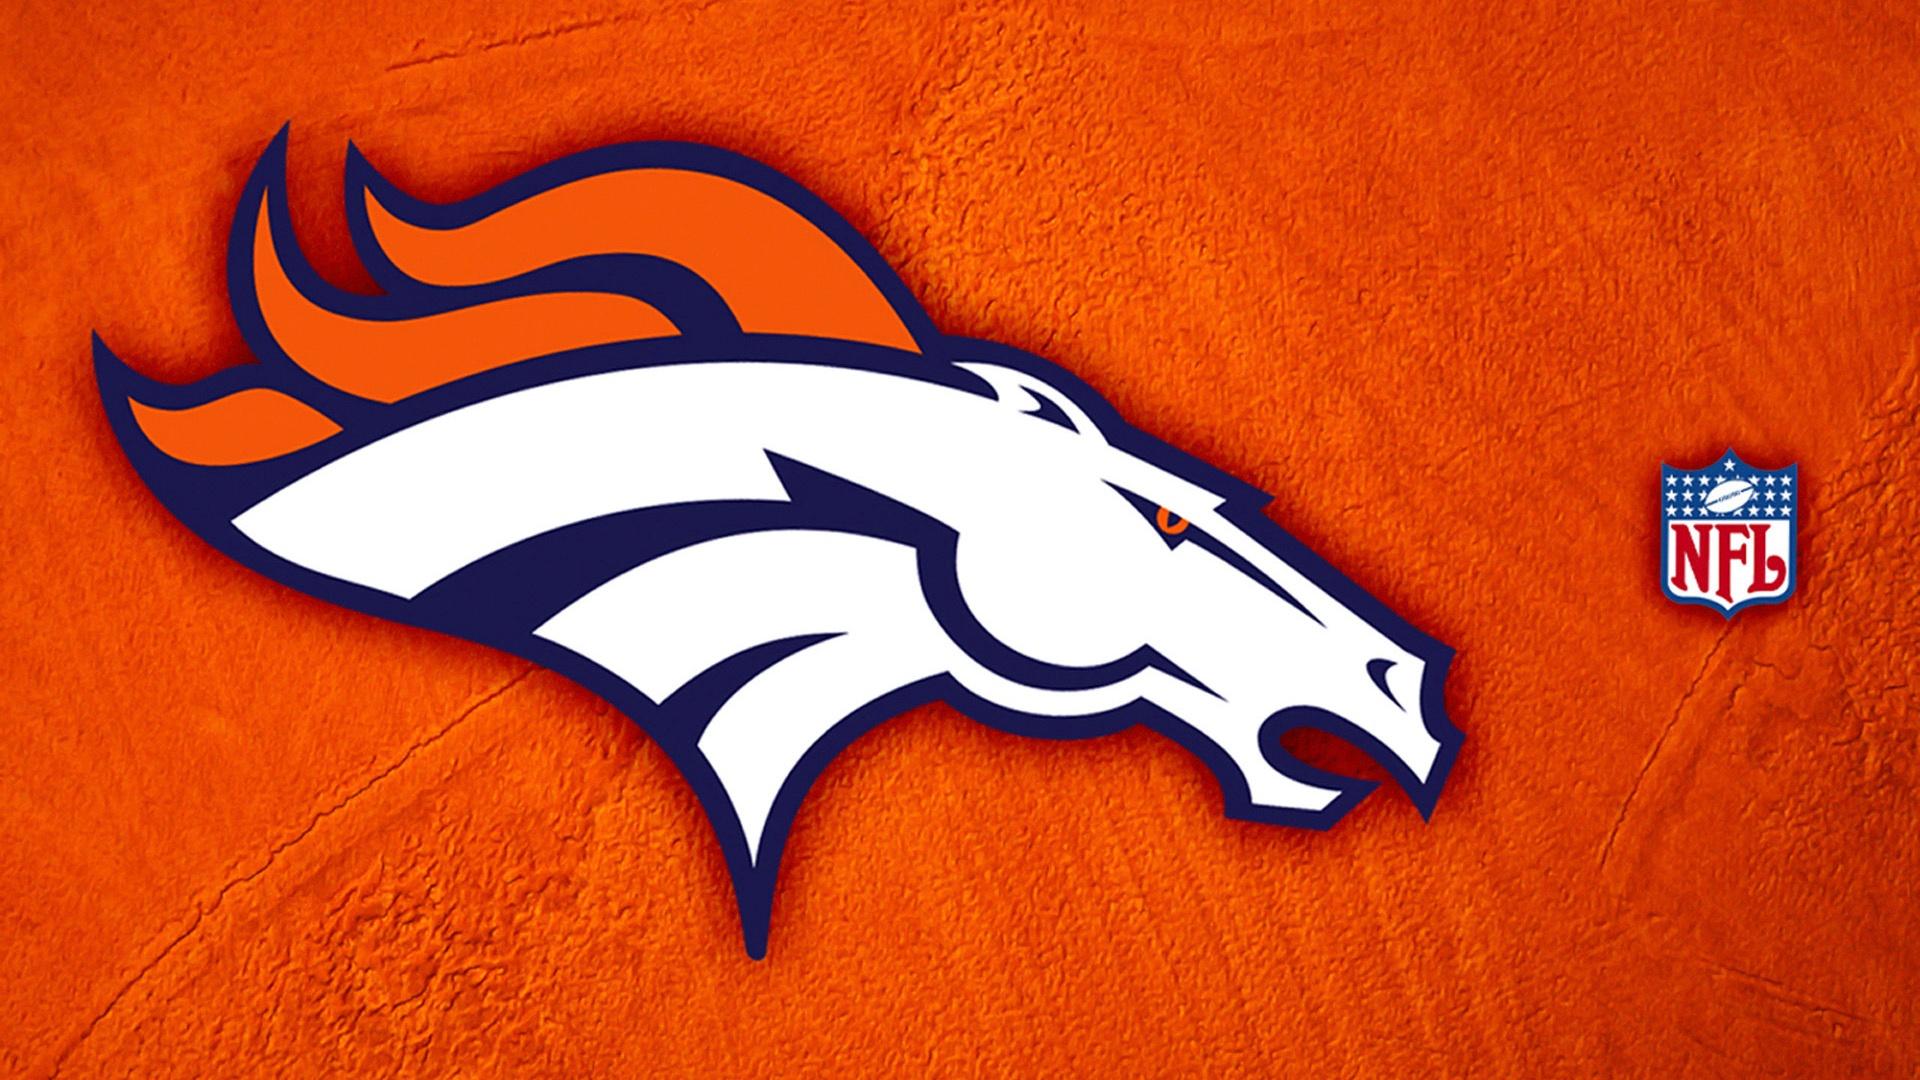 Denver Broncos hd background